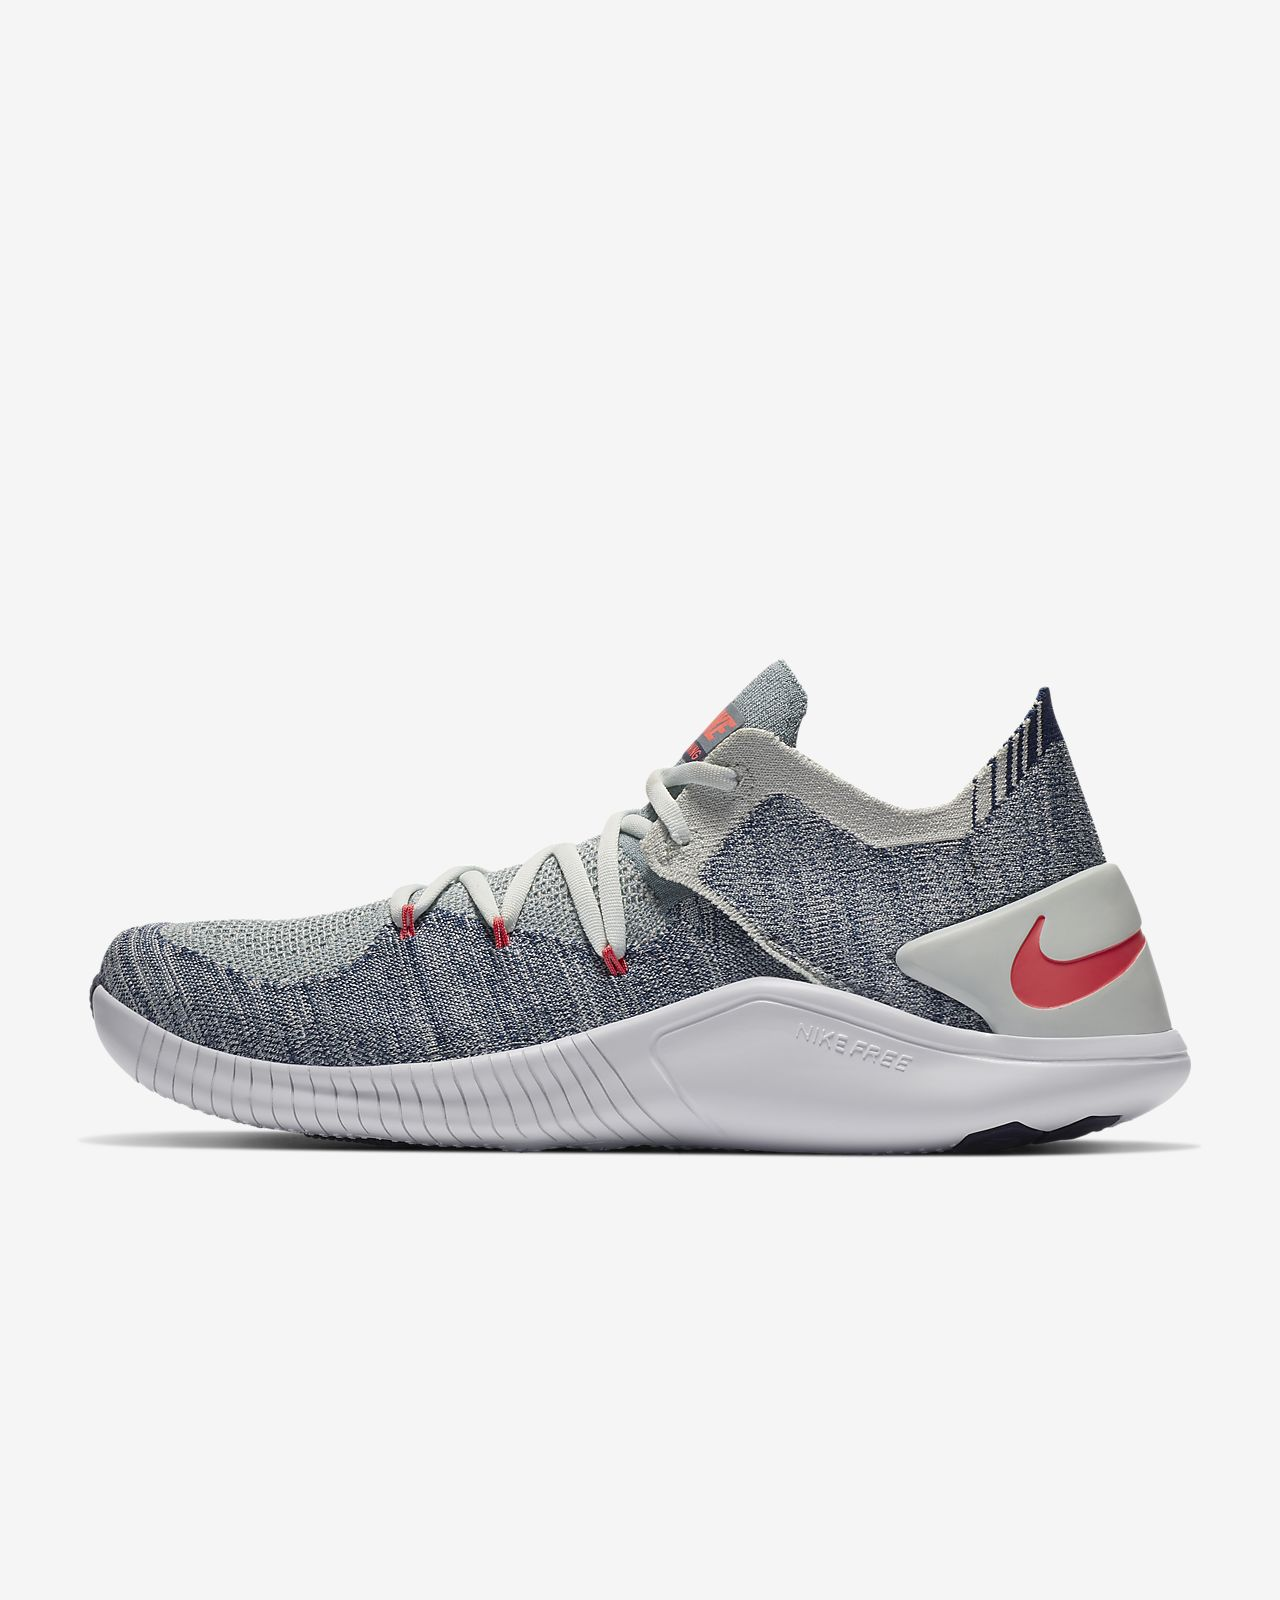 Nike Lunar Flyknit 3 Damen Schuh Schwarz Pink Kaufen :